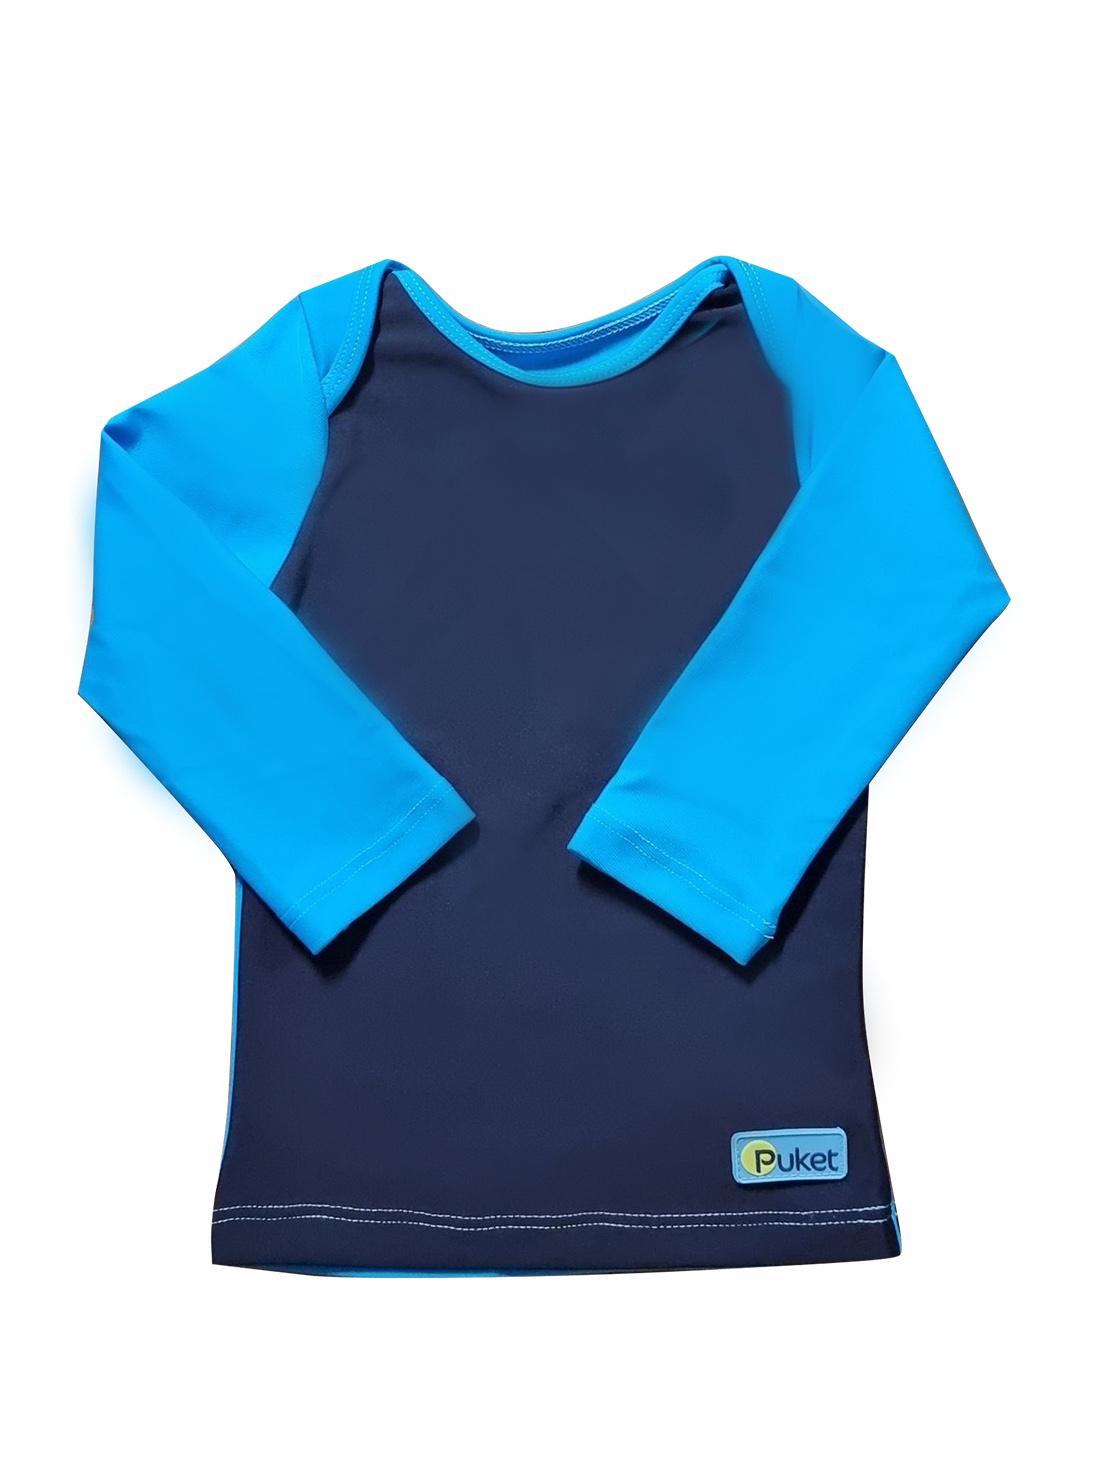 Camiseta Praia Bebê Puket  Marinho e Azul